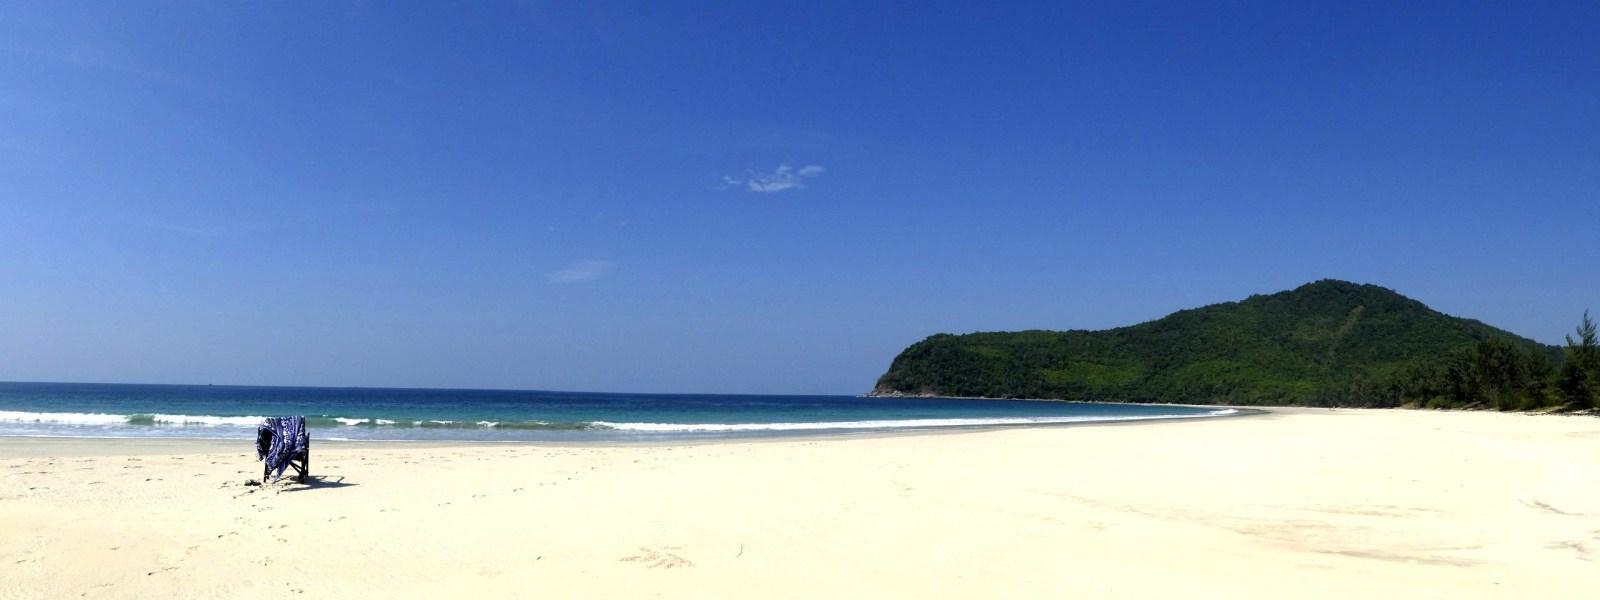 Dawei-Sinhtauk-Beach-white